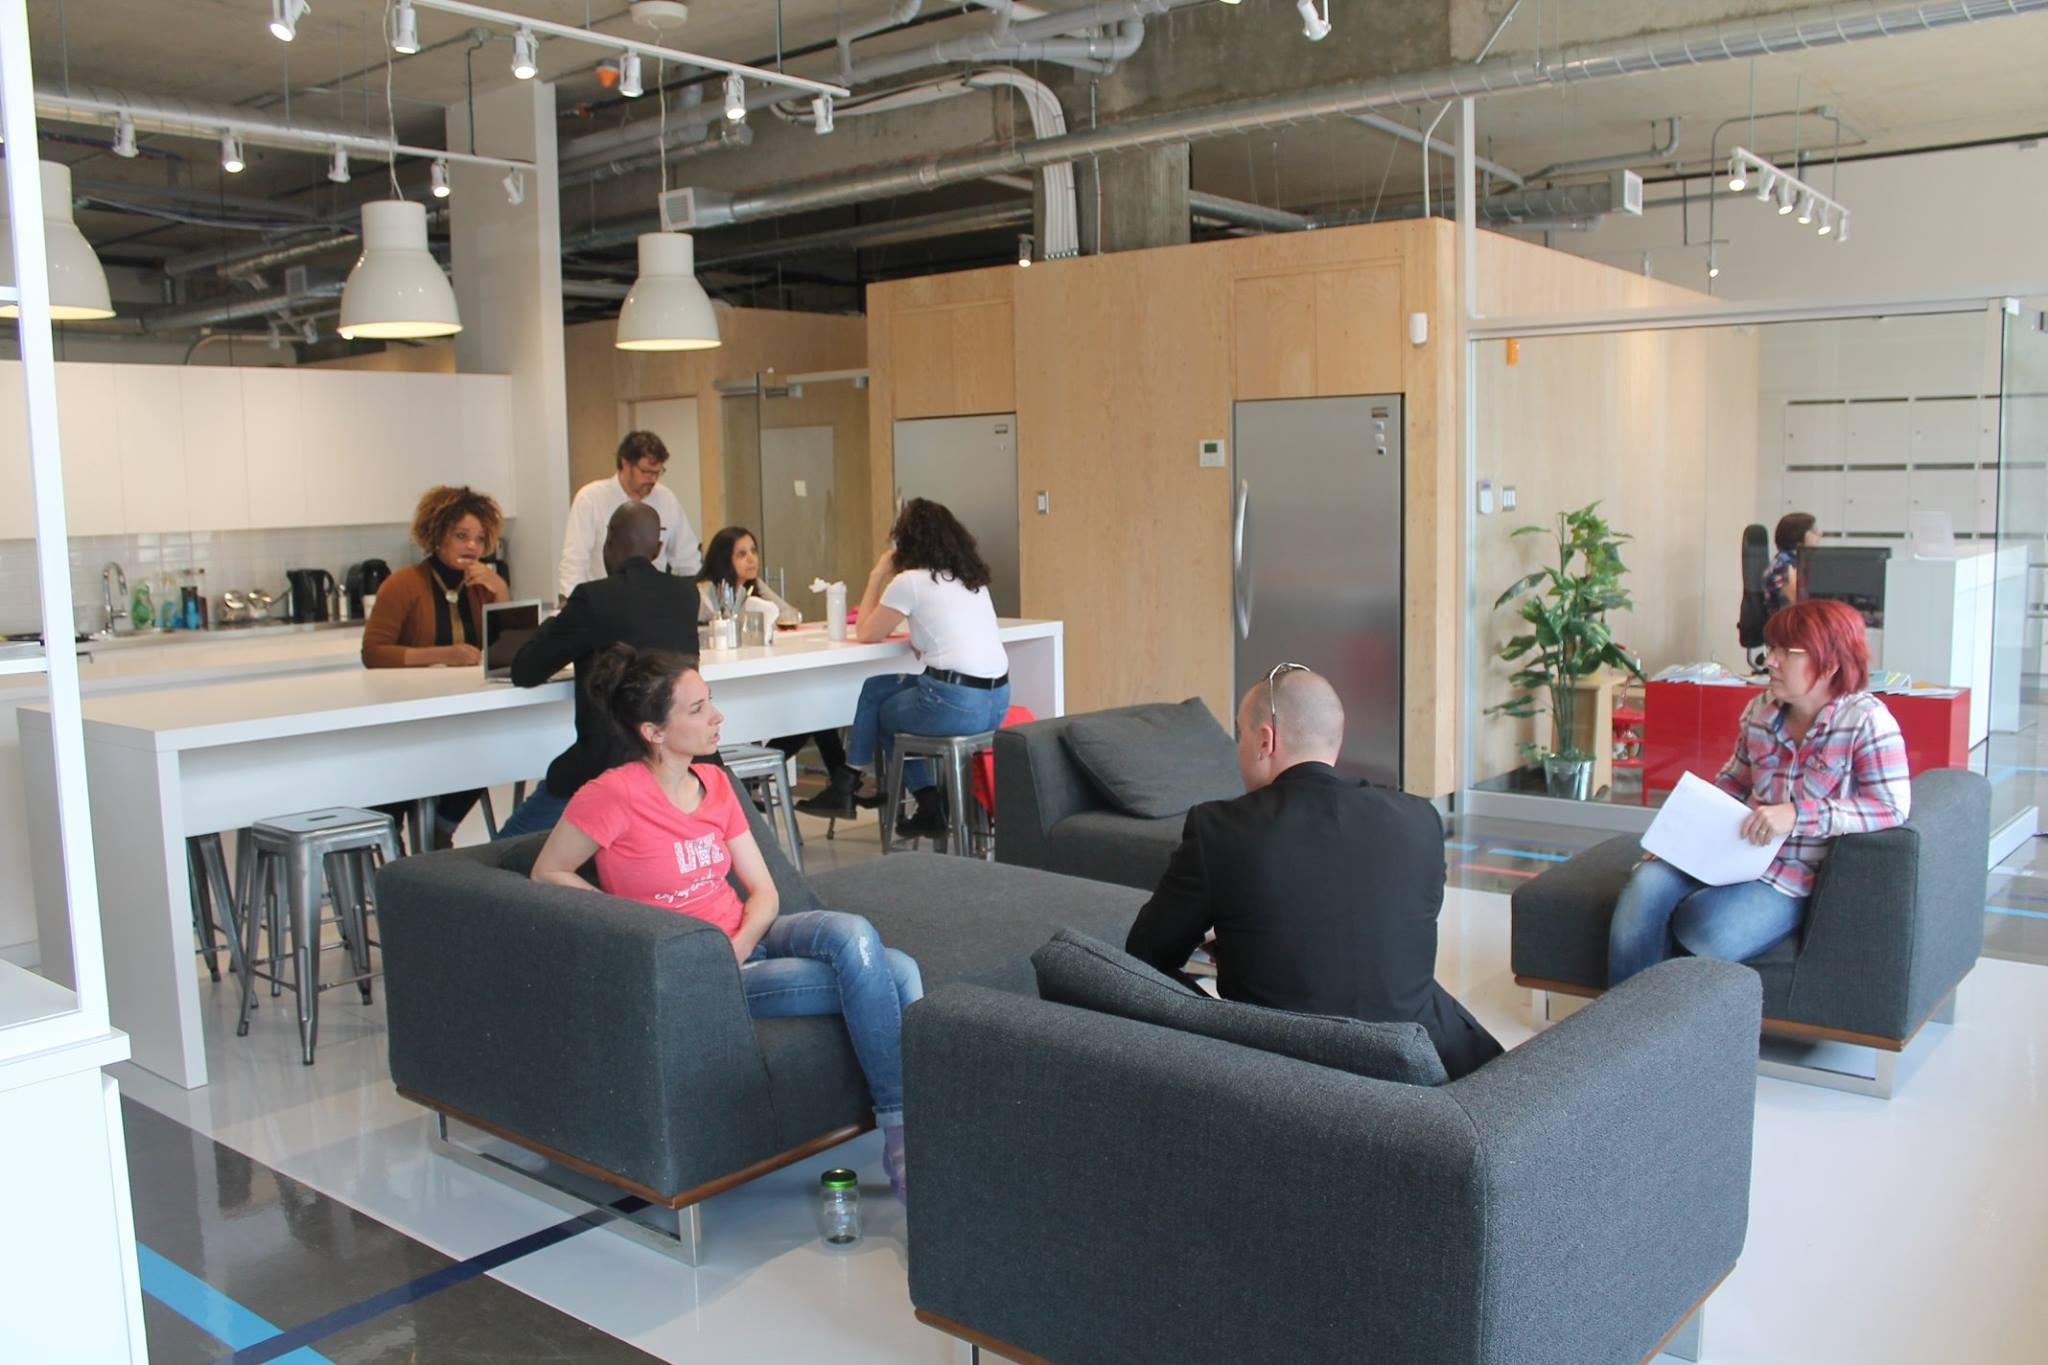 La station québec bureaux et espaces de co working fonds d